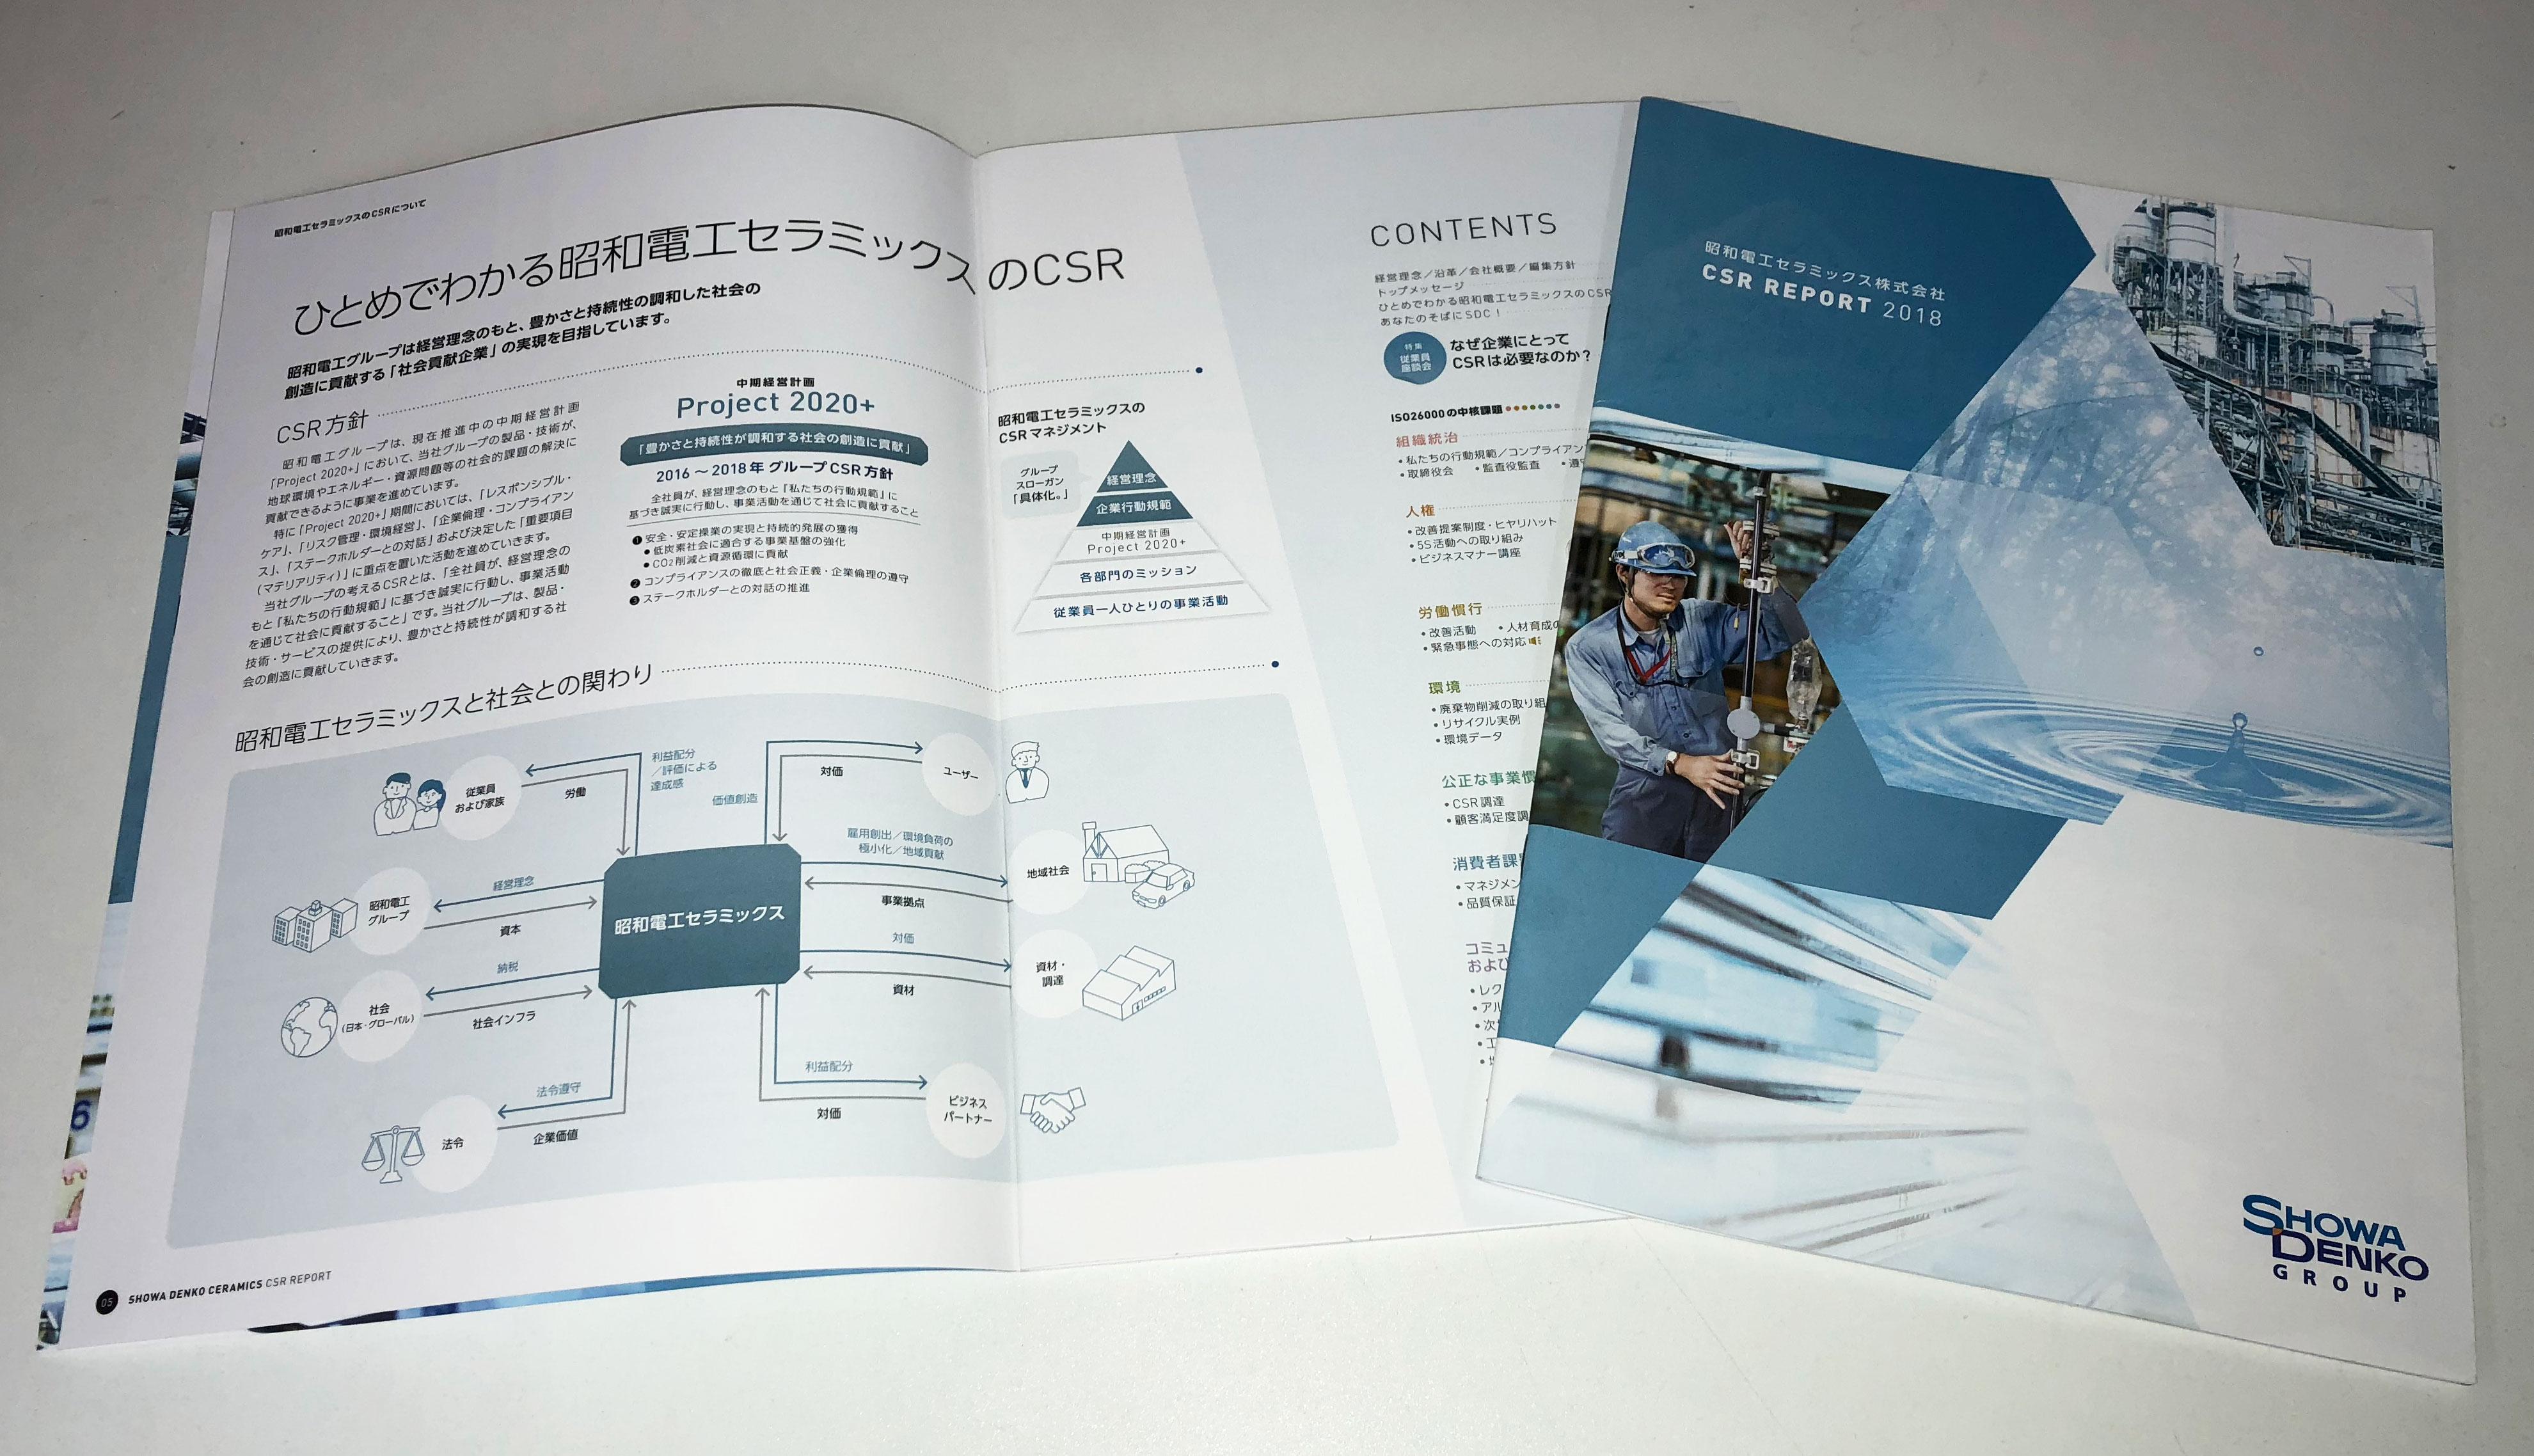 昭和電工セラミックス株式会社